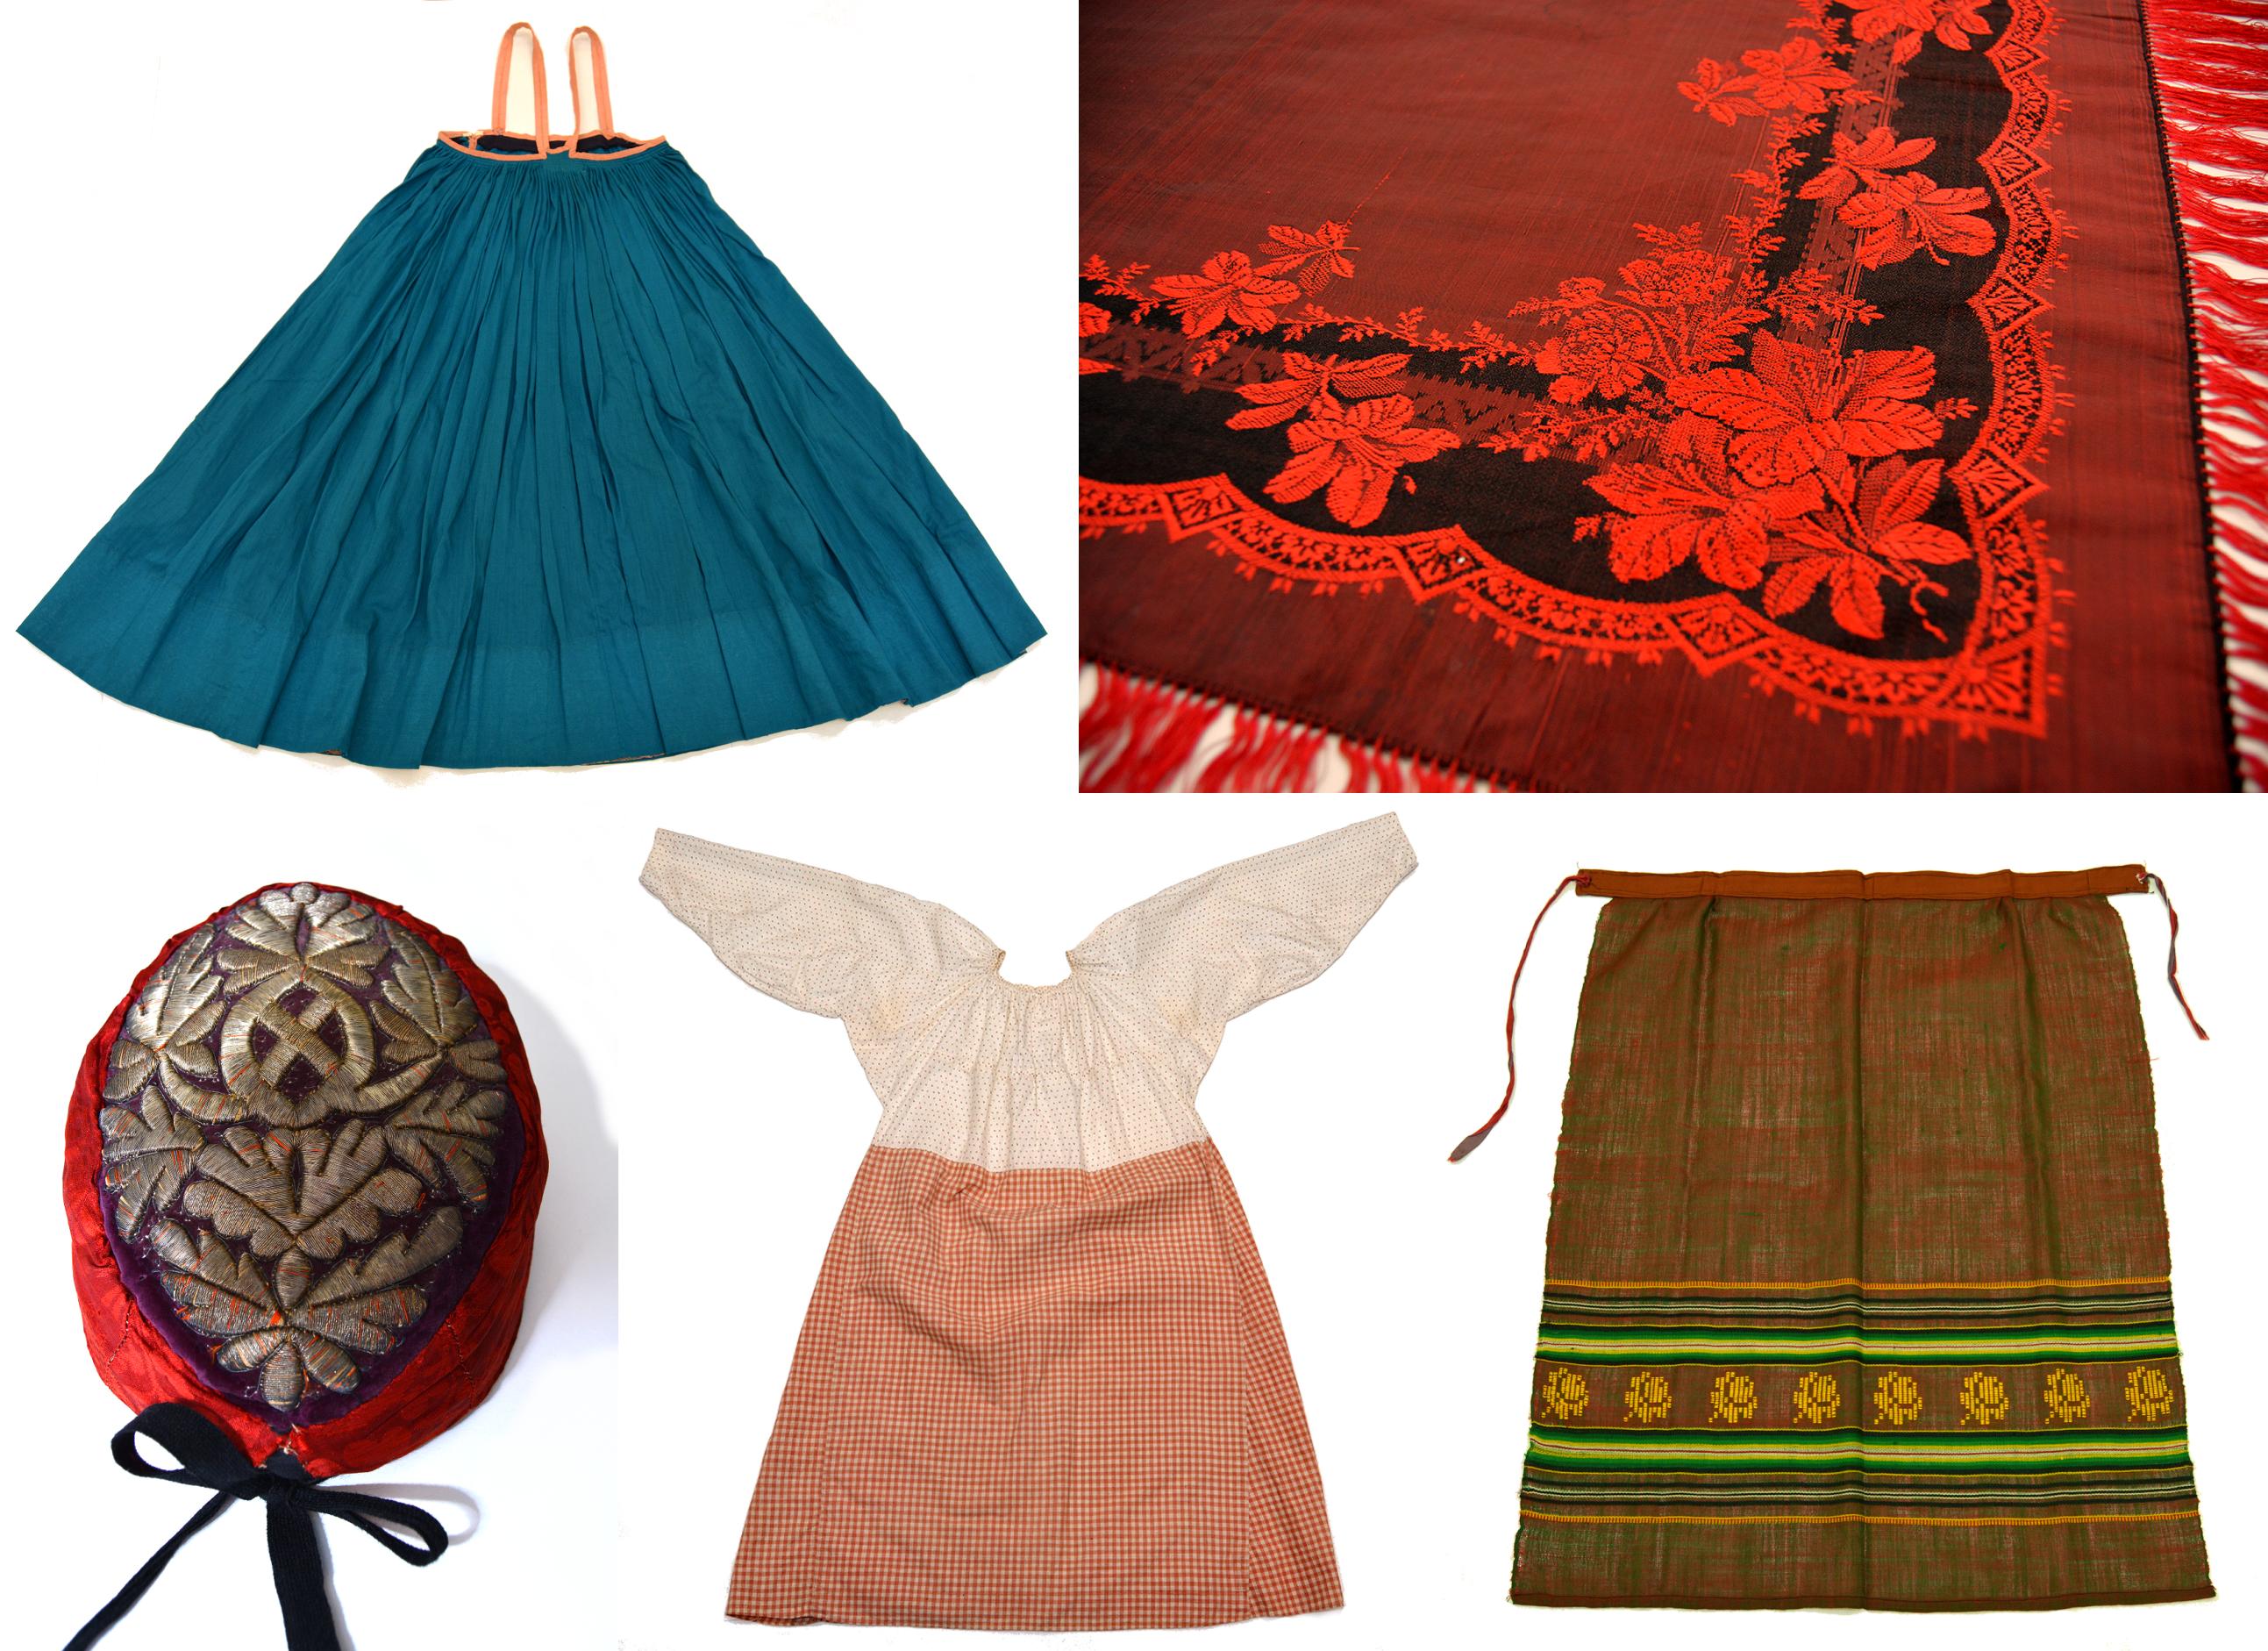 Viisi erilaista karjalaista perinne asua. Yksi päähine, yksi silkkihuivi, yksi esiliina, yksi hame, yksi mekko